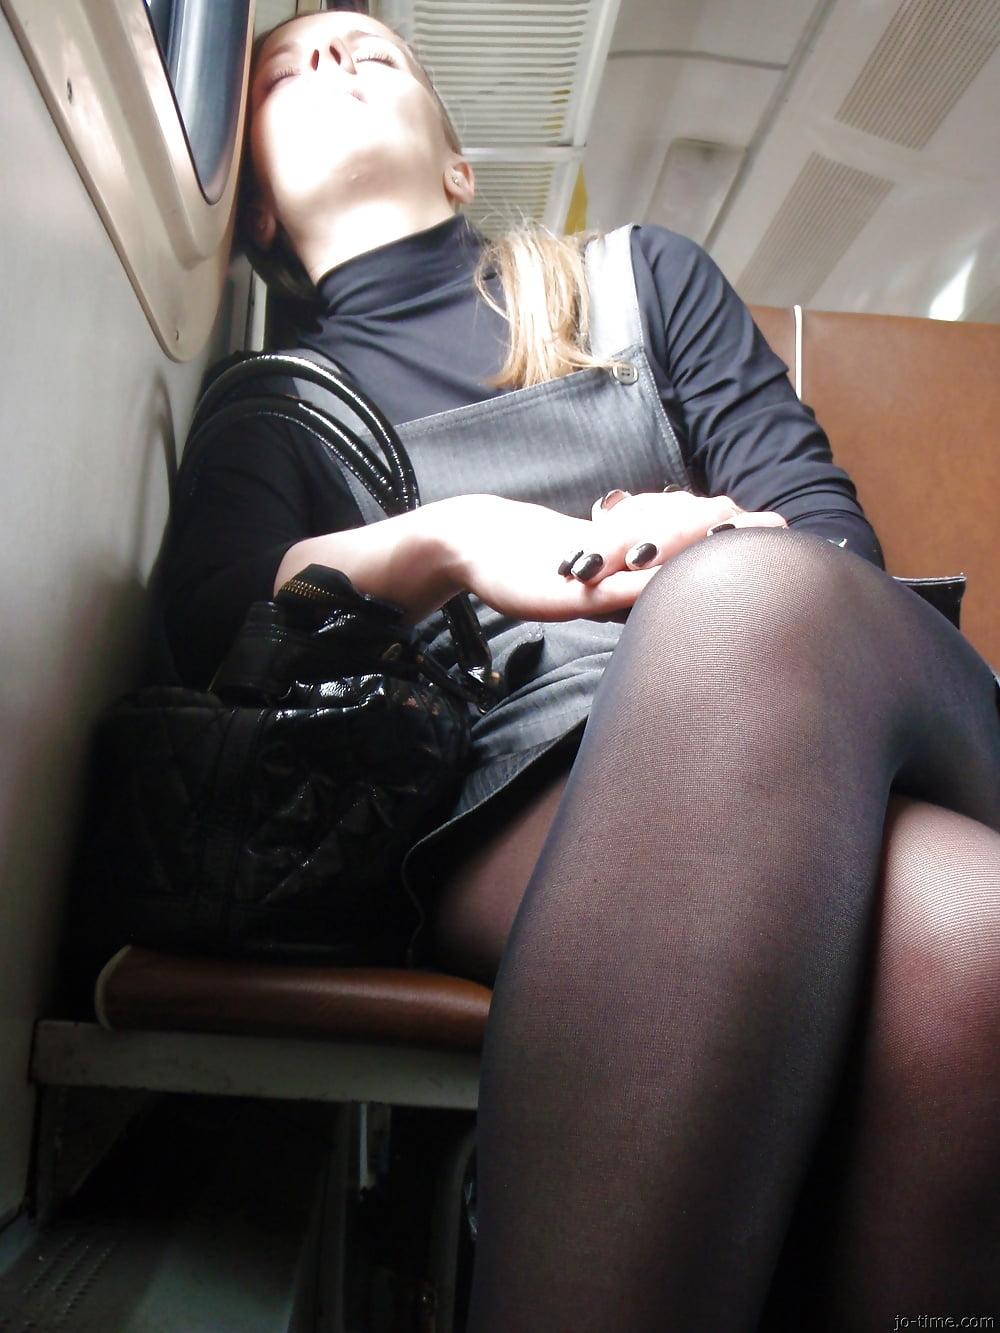 вина вероники, апскирт чаевые колготки нога на ногу зависимости